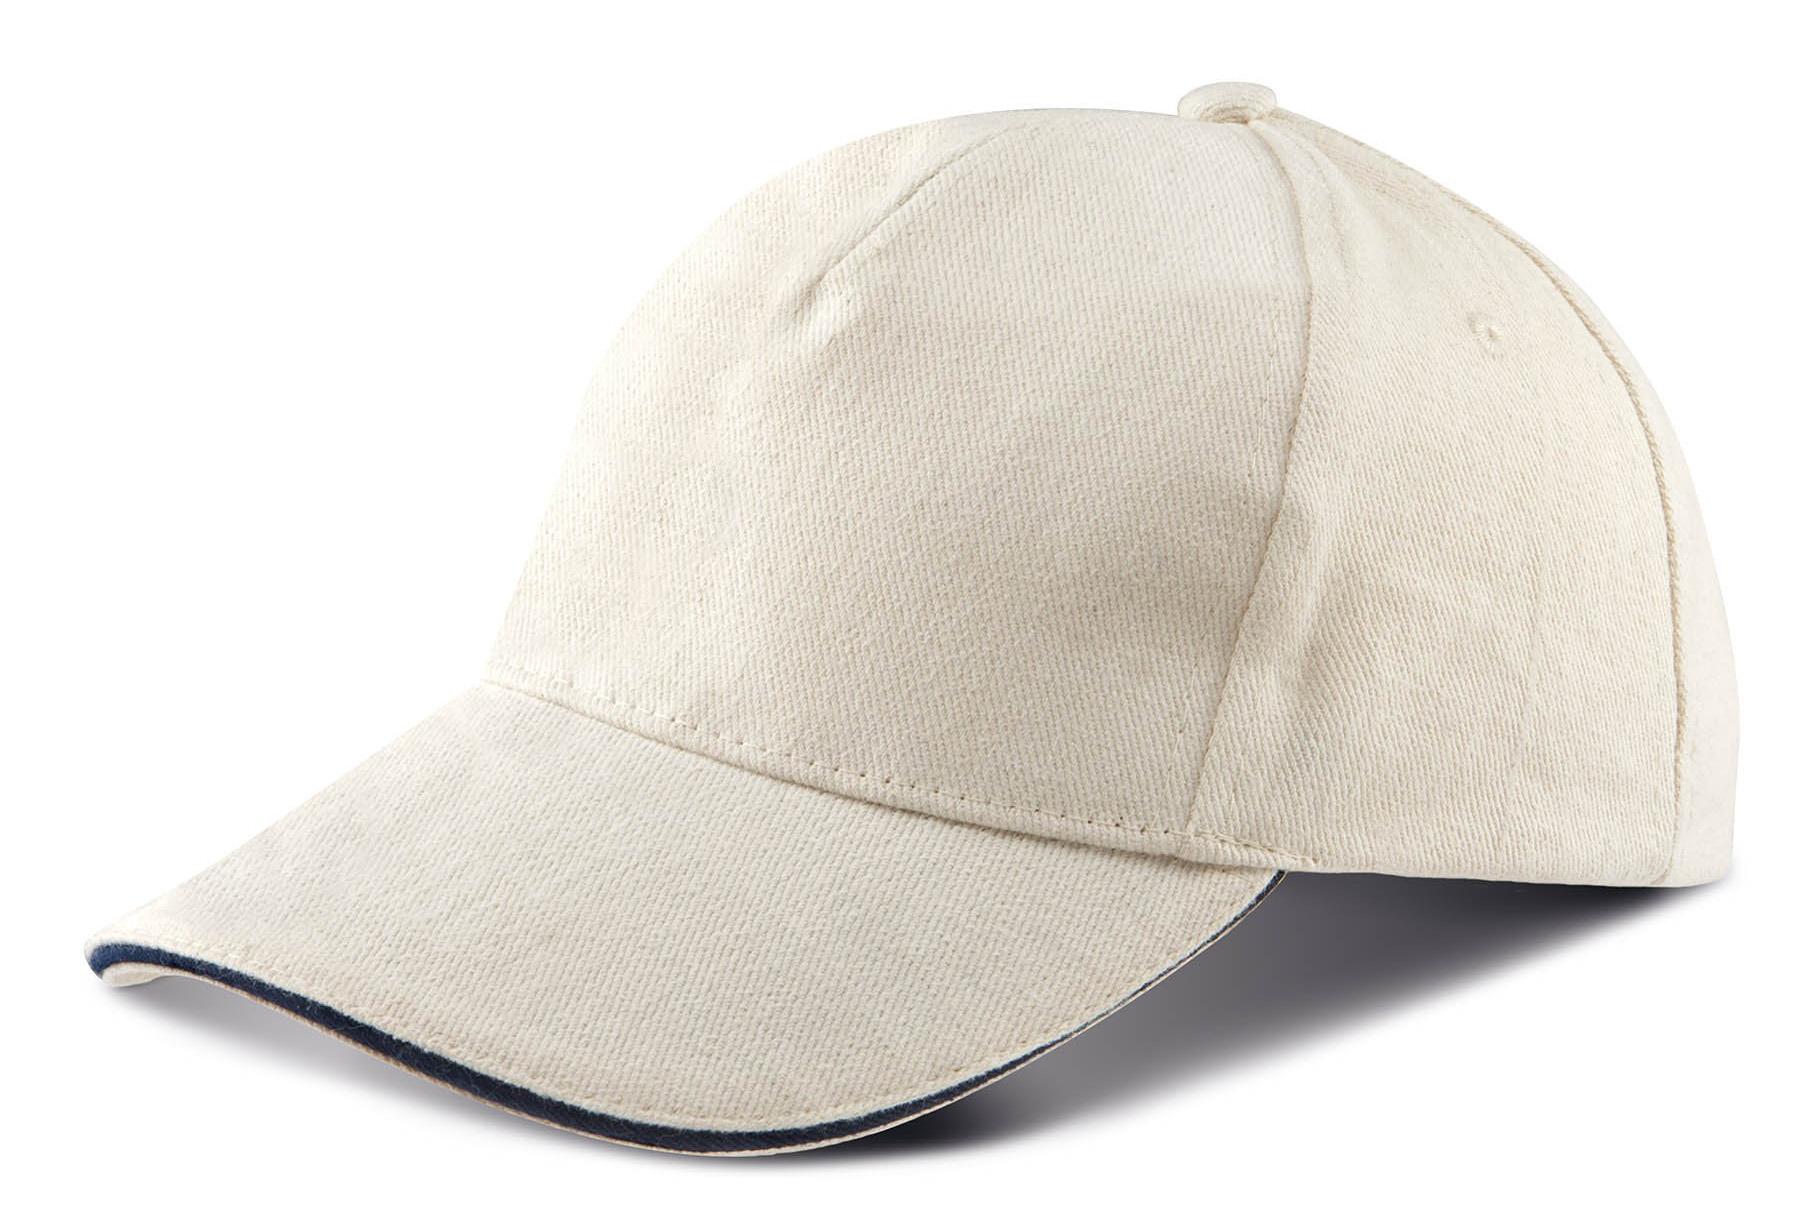 91a79b05faddb Vêtements d'équitation - Casquettes - CPNB personnalisation